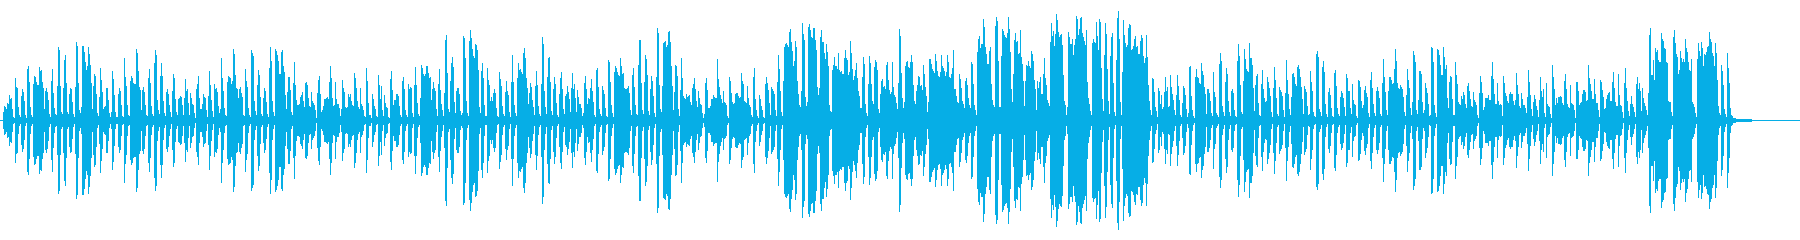 ほのぼのとしたリコーダーとピアノの再生済みの波形